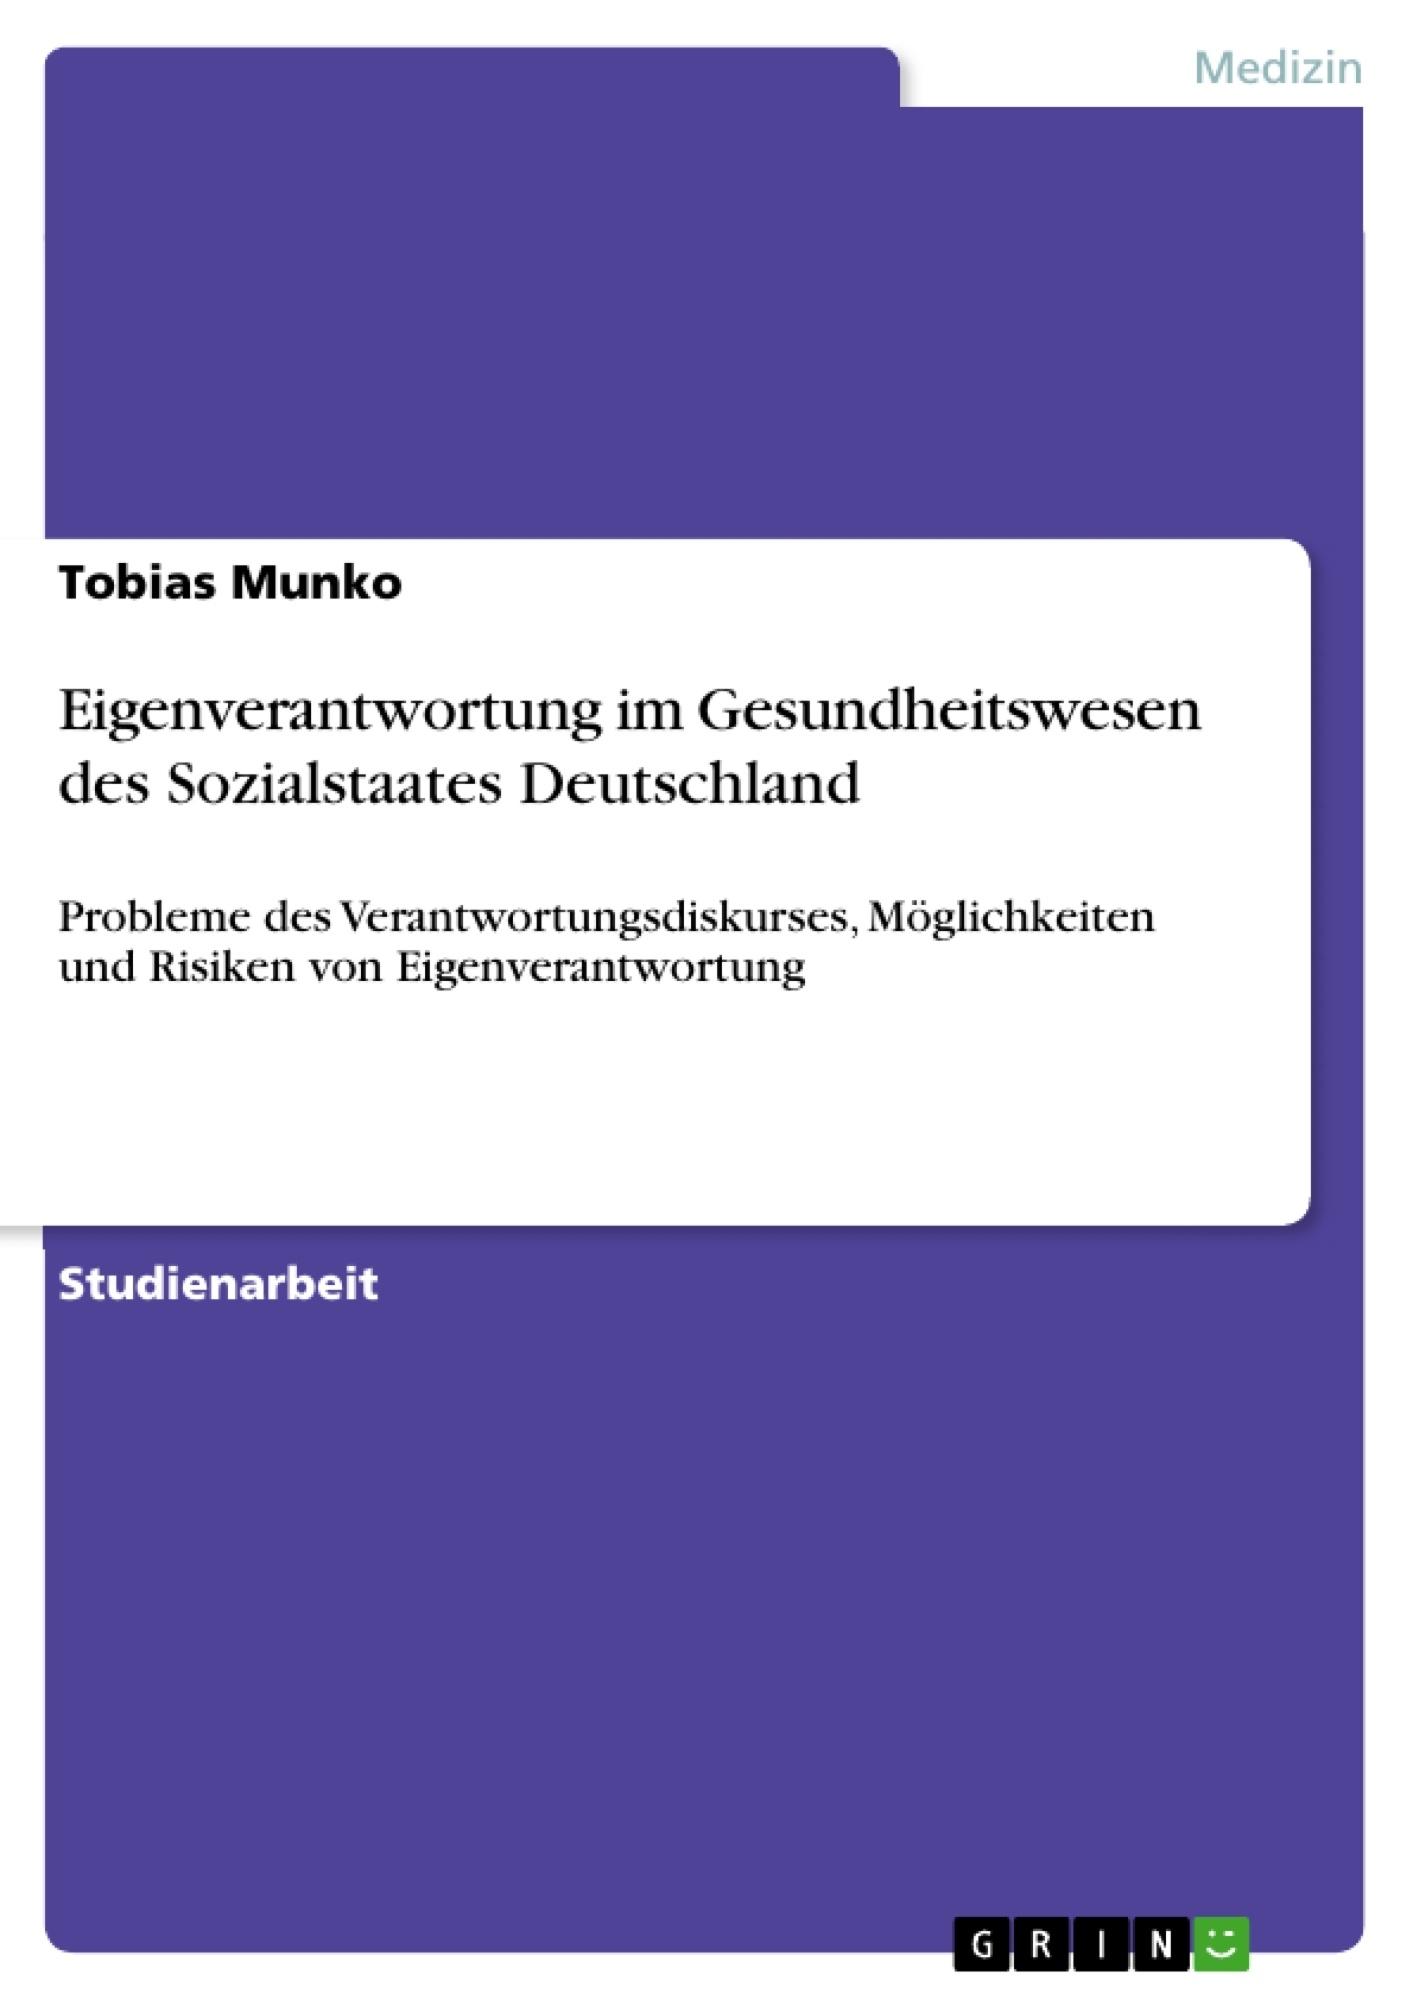 Titel: Eigenverantwortung im Gesundheitswesen des Sozialstaates Deutschland